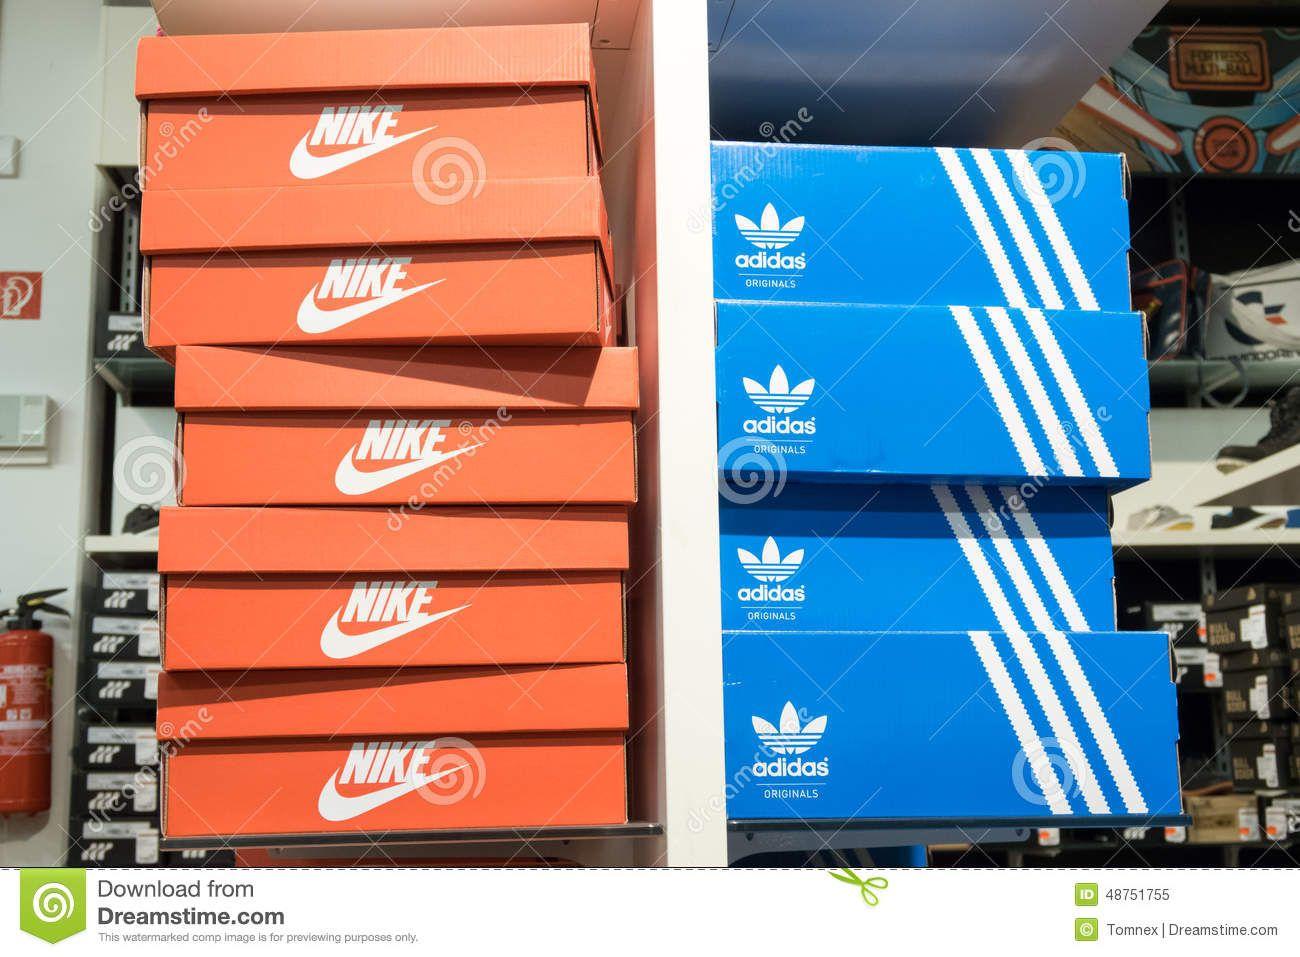 newest 9bbf5 692fa Adidas Cajas De Y Imagen Tenis Bolsas Resultado z74wPqxn